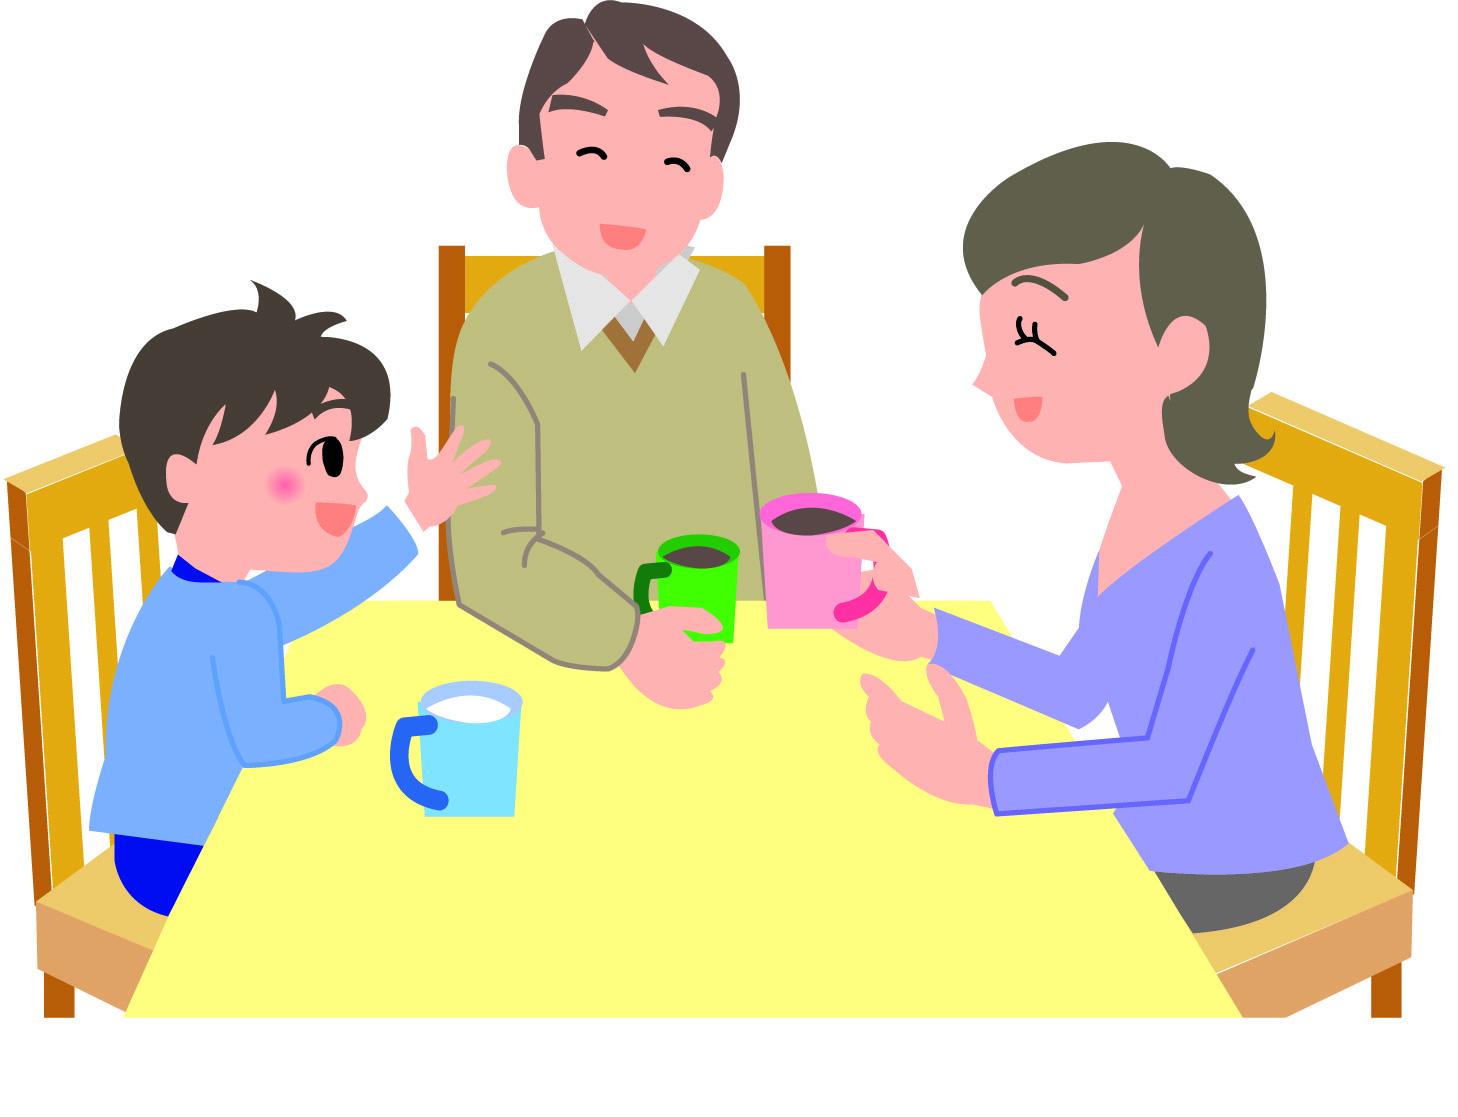 意外な危険性が!?食卓の椅子は子供用を準備すべき